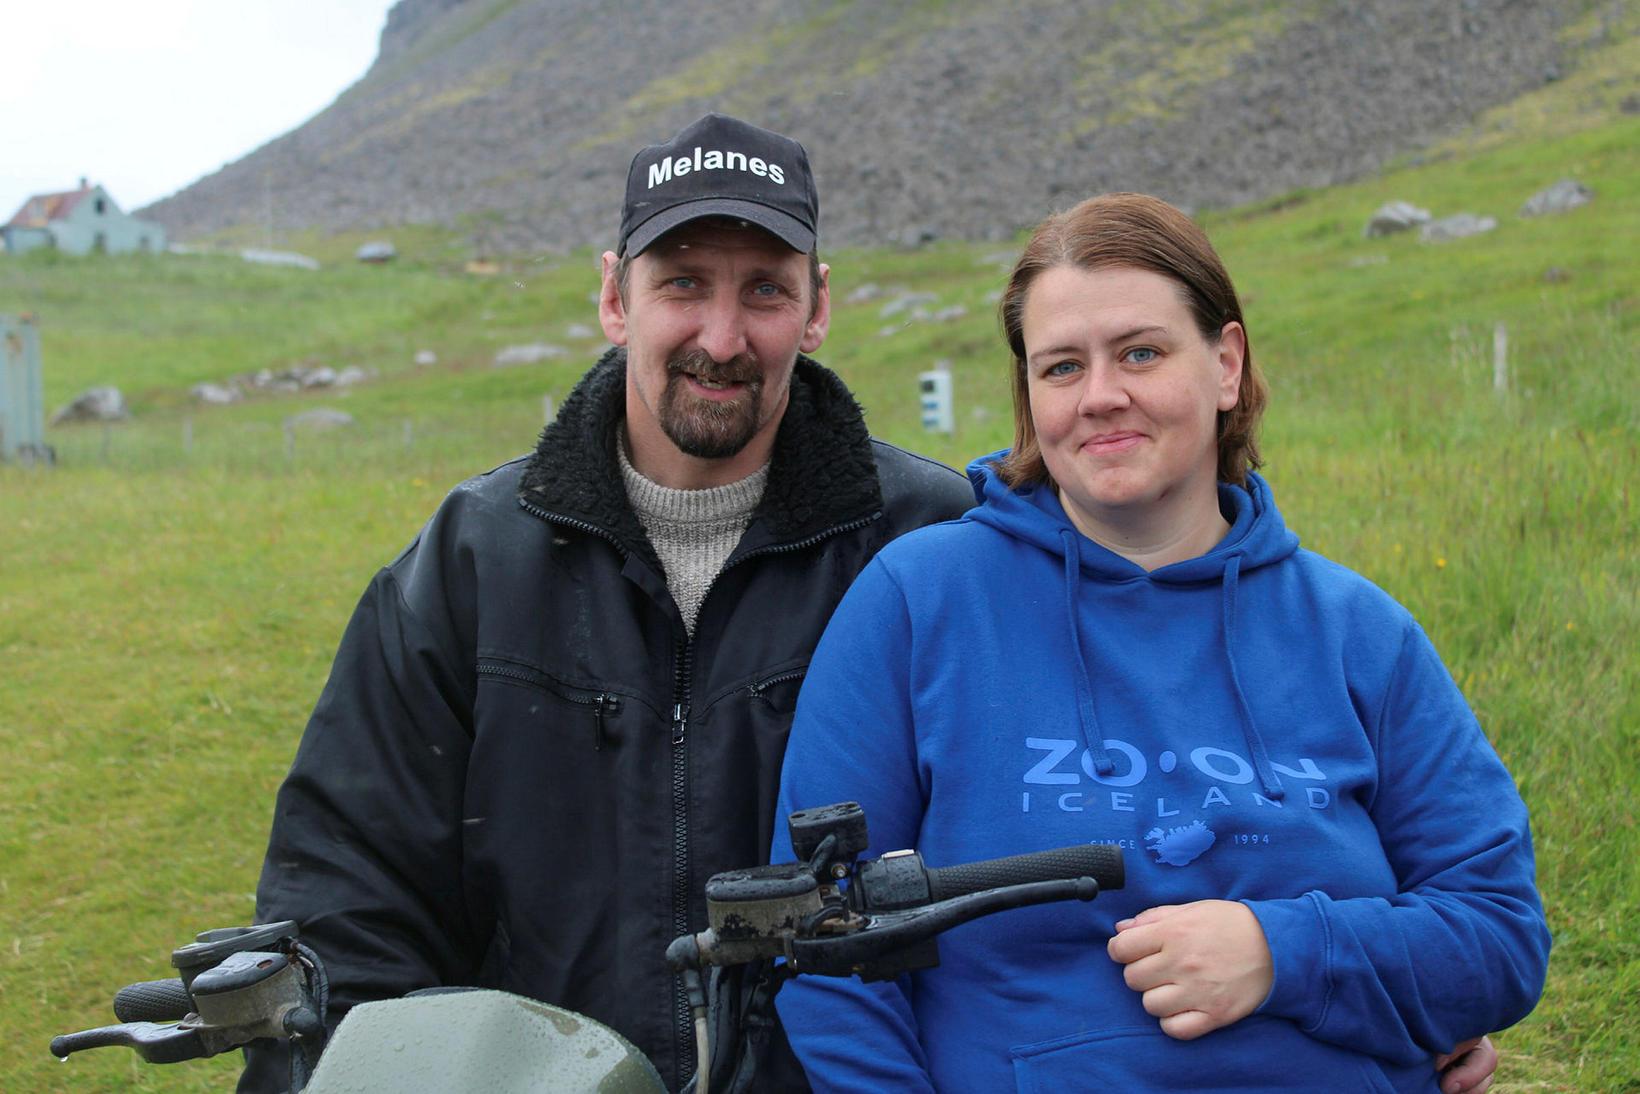 Melanesbændurnir Ástþór Skúlason og Sigríður María Sigurðardóttir.